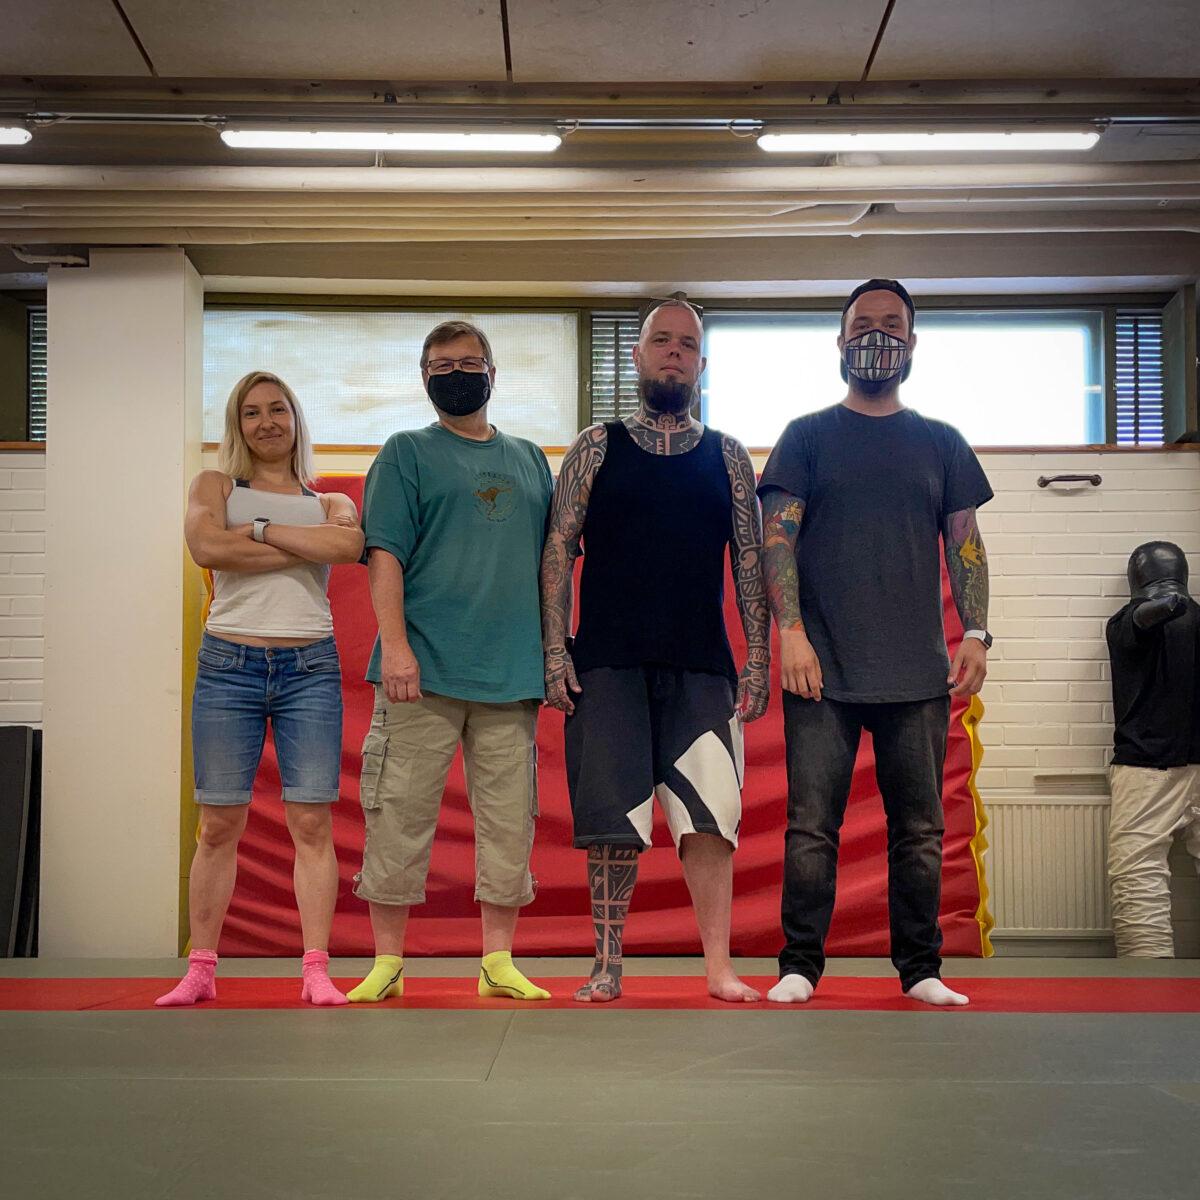 Judokausi on avattu!